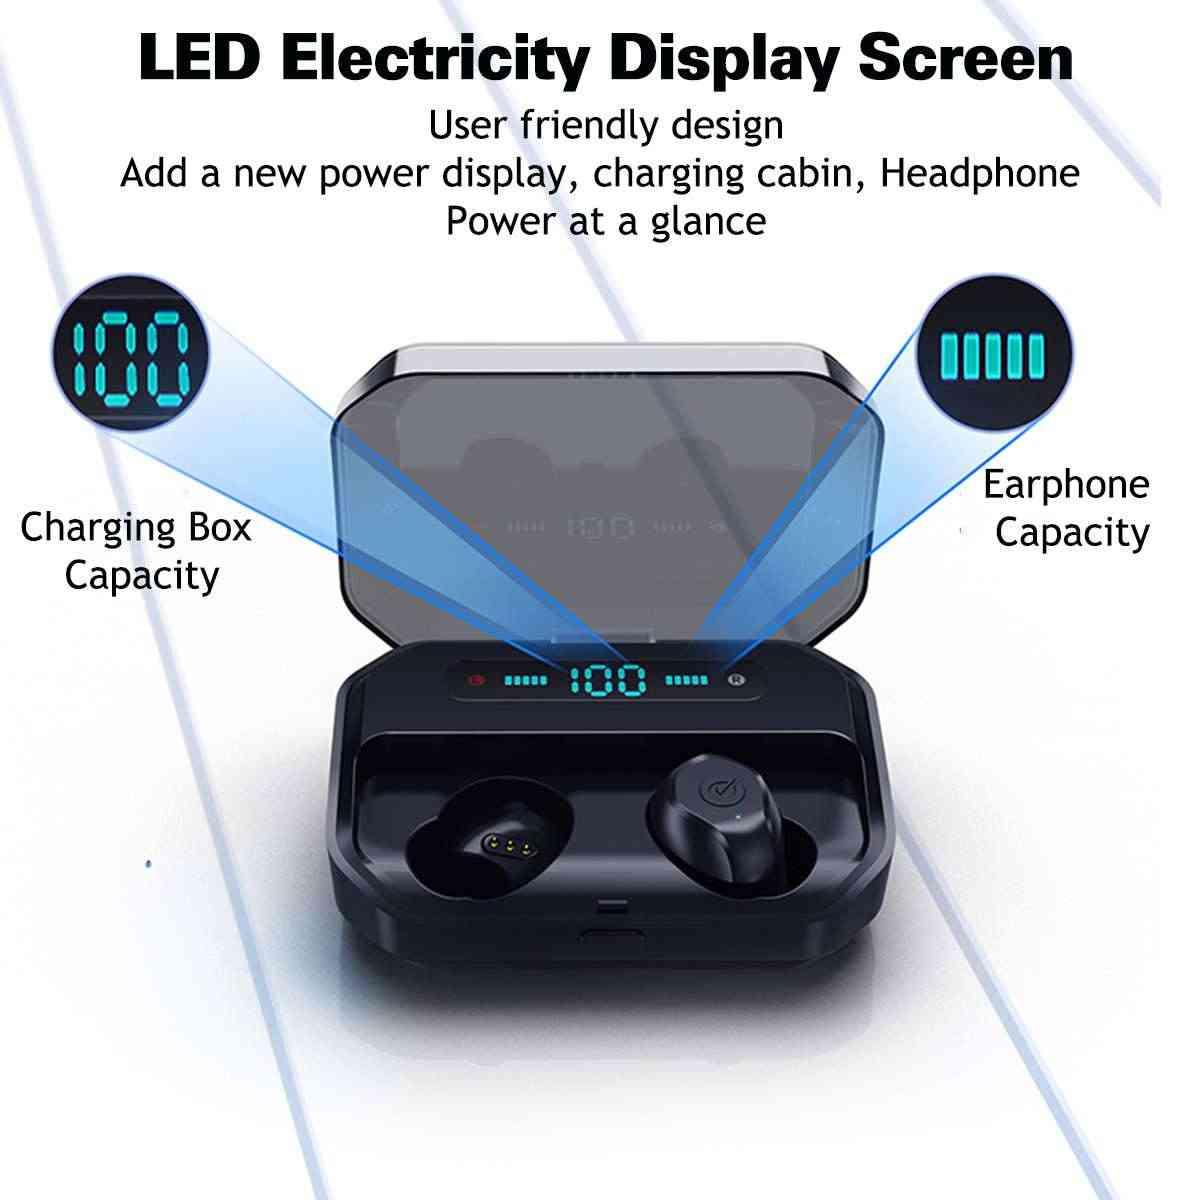 Bluetooth TWS 5.0 tura bezprzewodowe słuchawki minisłuchawki bezprzewodowe stereofoniczne IPX7 sportowe pływanie zestaw słuchawkowy 3500mAh skrzynka ładująca